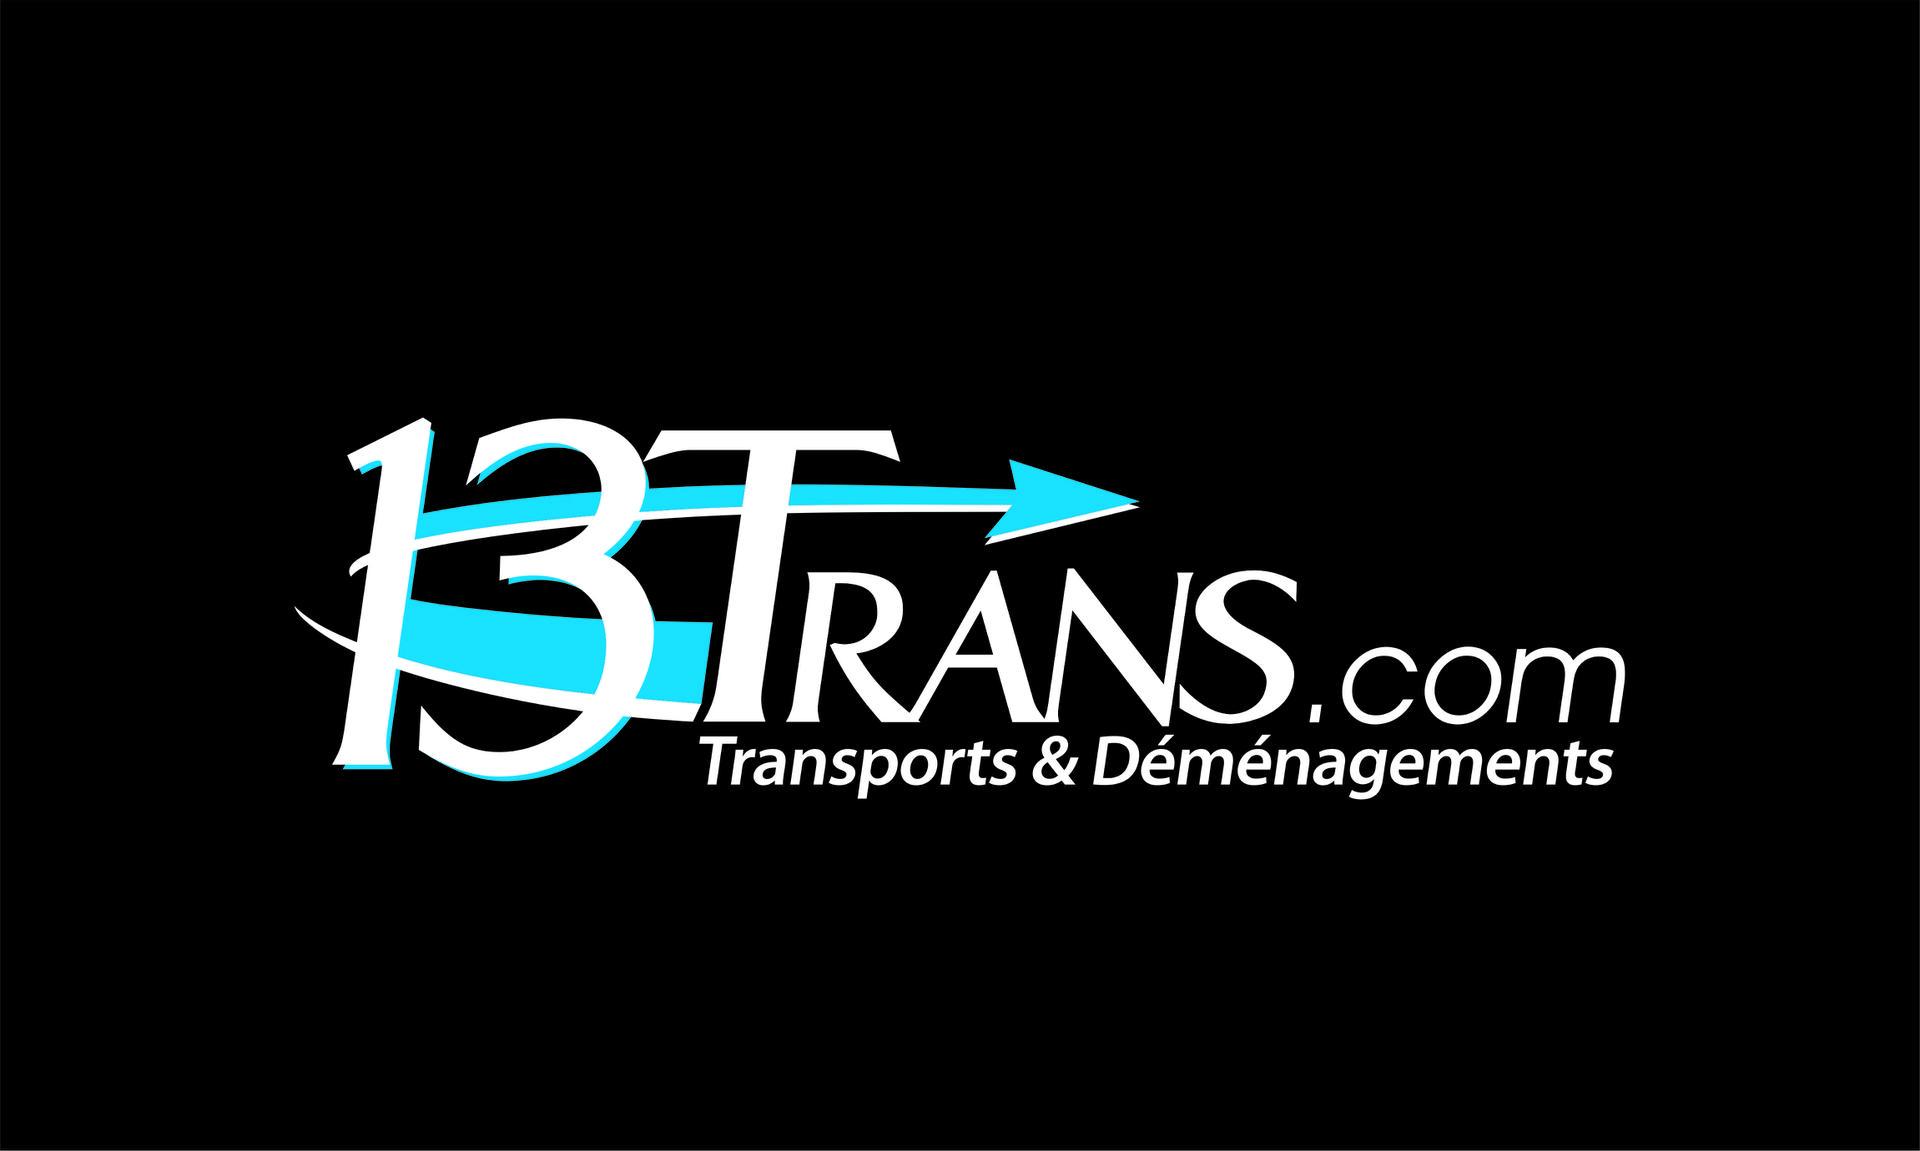 13 Trans déménagement